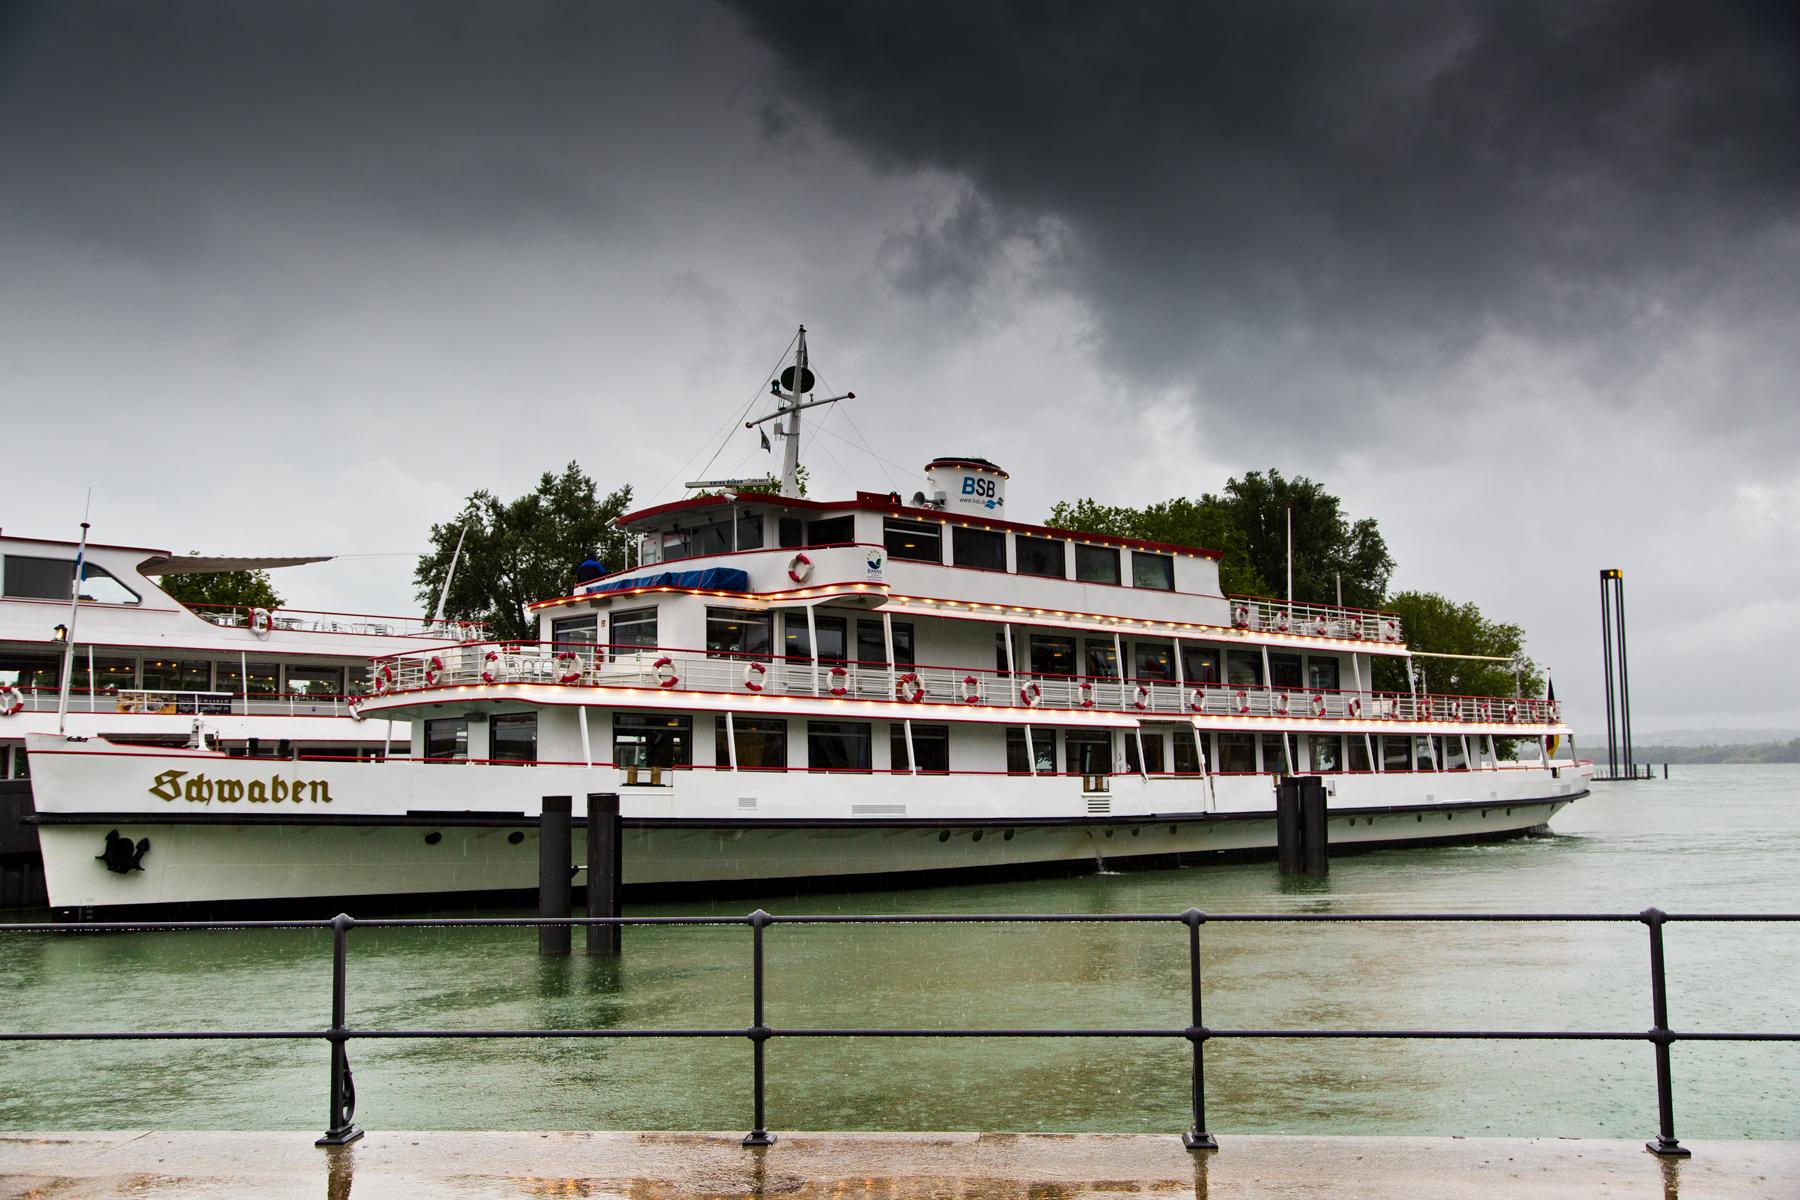 Bodenseeschiff